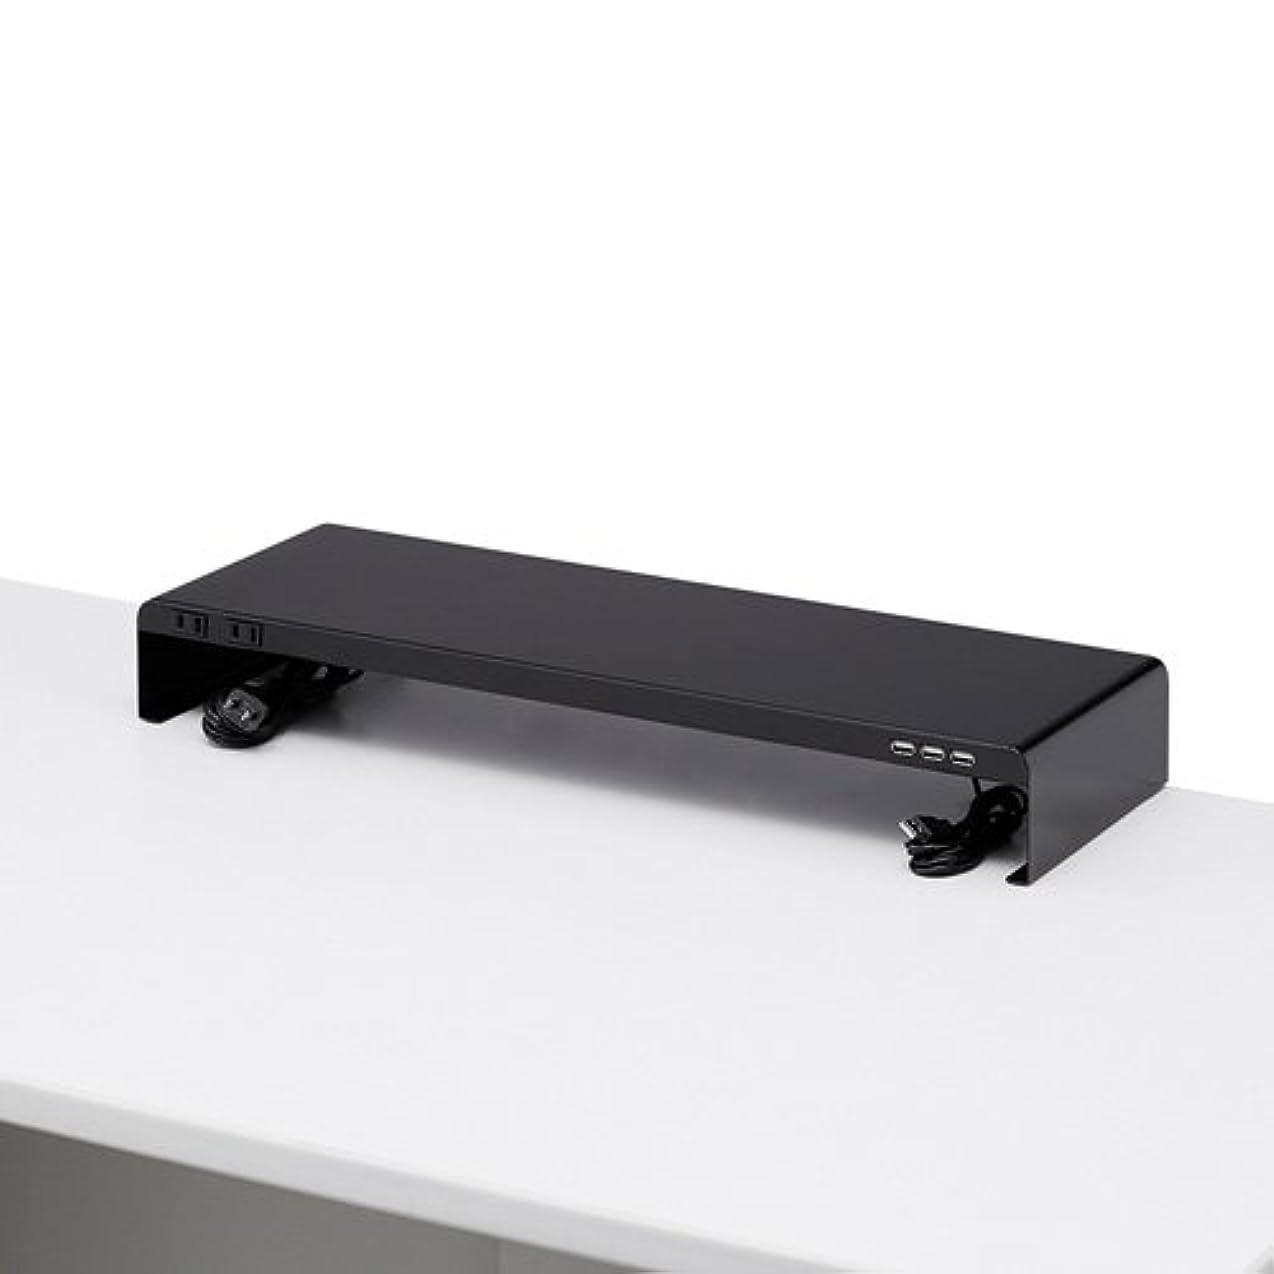 エキサイティング戸棚ダムサンワサプライ アウトレット 机上モニタスタンド 電源タップ USBポート付き ブラック MR-LC202BK